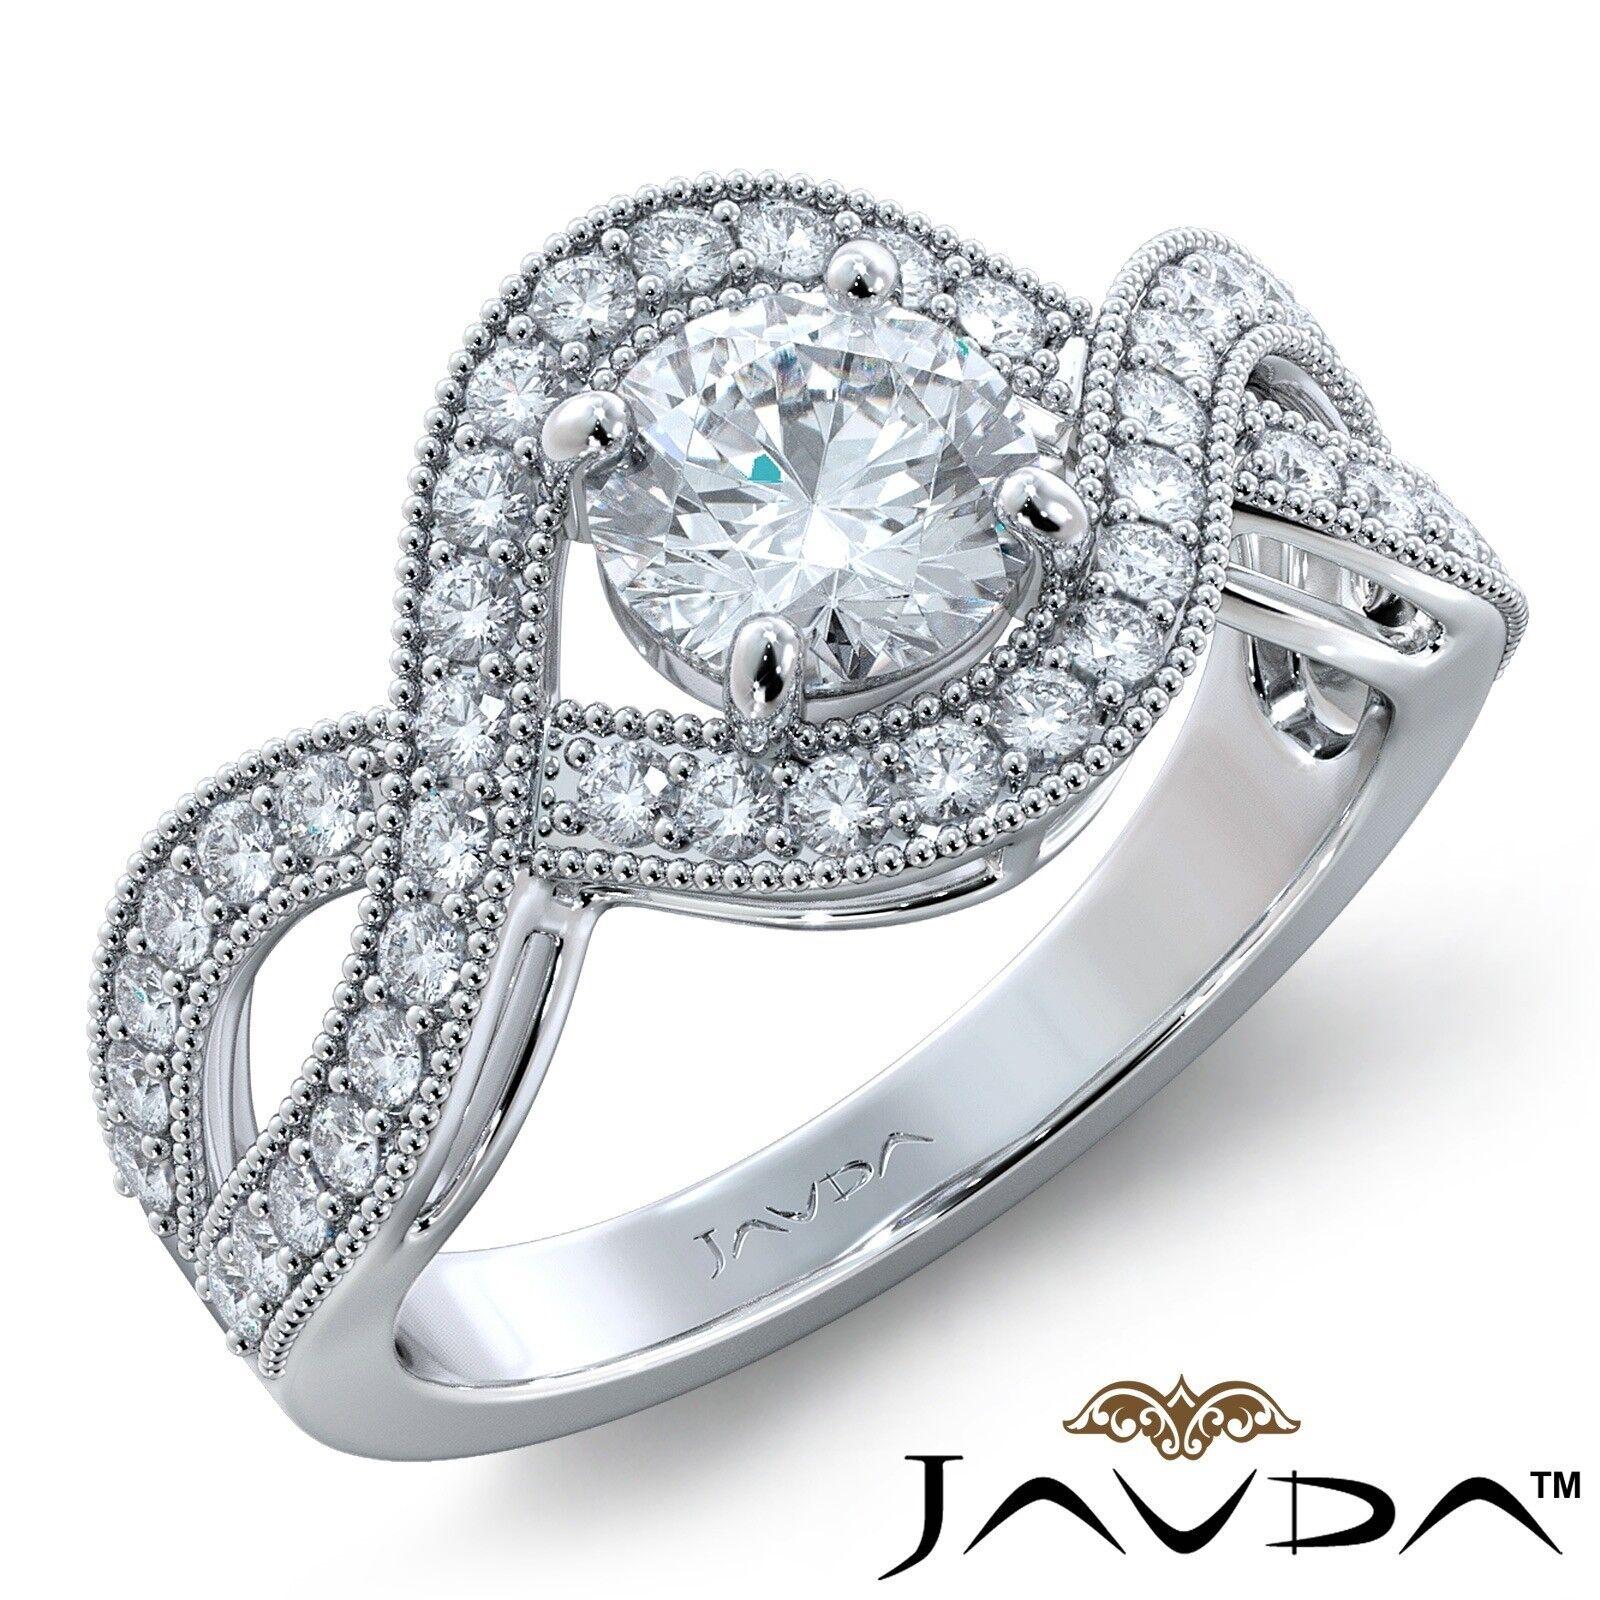 2.05ctw Milgrain Halo Side Stone Round Diamond Engagement Ring GIA H-VVS1 W Gold